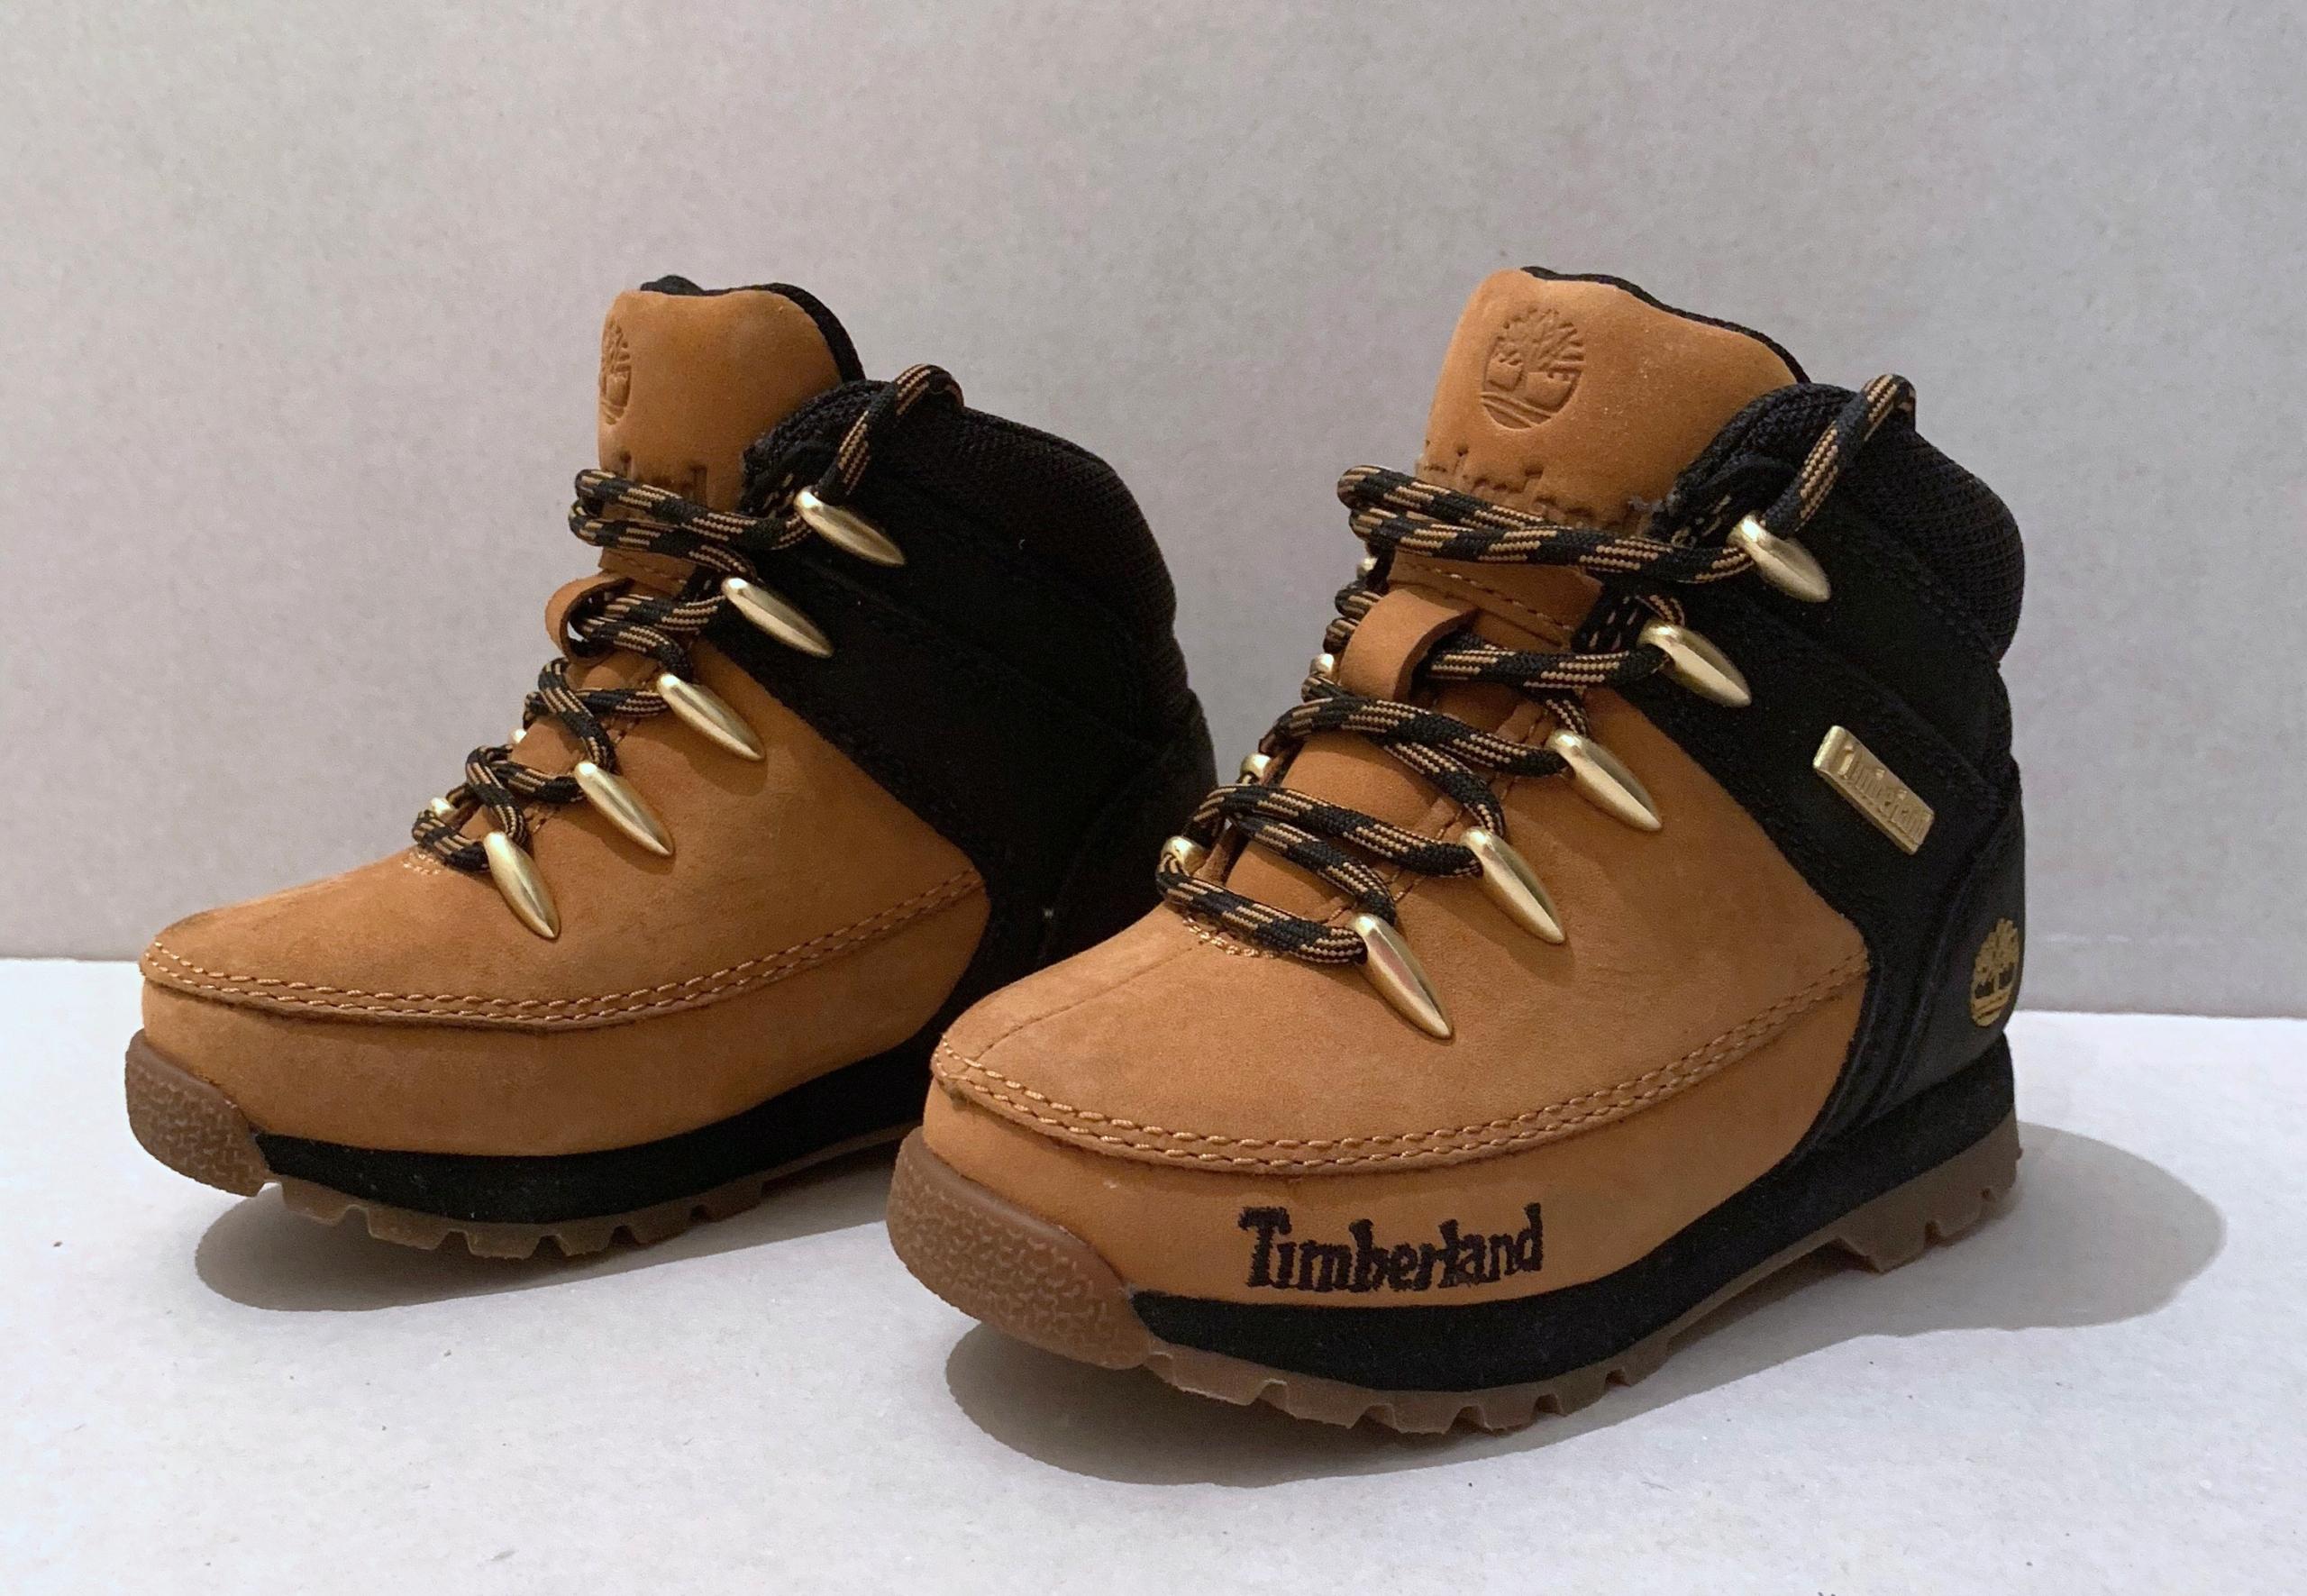 7daab773 Timberland buty zimowe dziecięce rozmiar 25 - 7617351314 - oficjalne ...